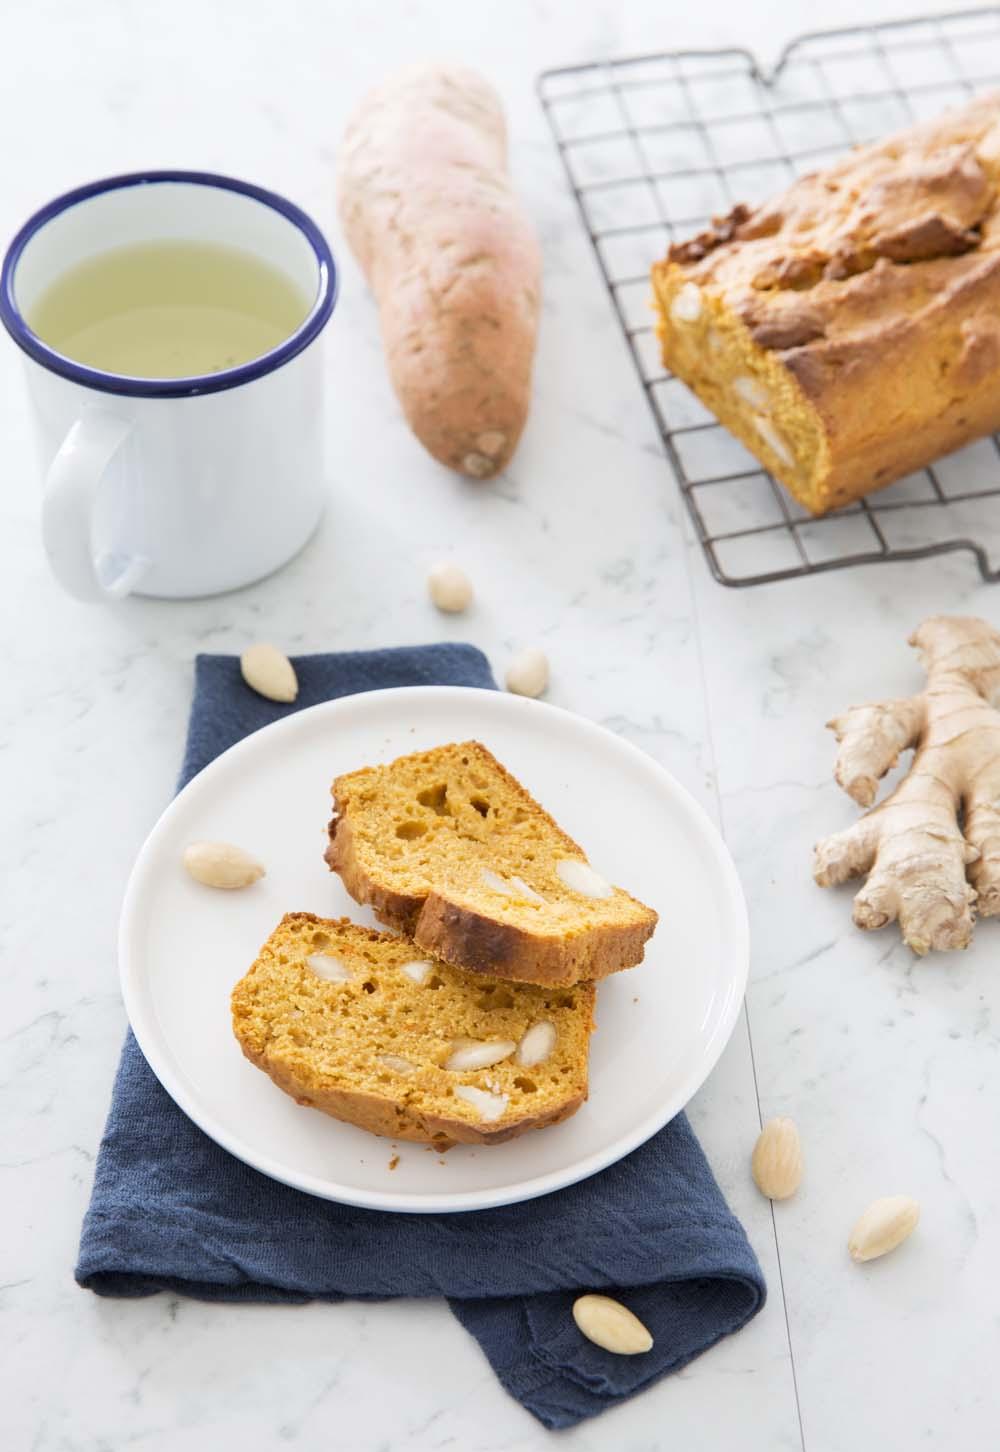 cake la patate douce sans lactose recettes de cuisine biod lices. Black Bedroom Furniture Sets. Home Design Ideas